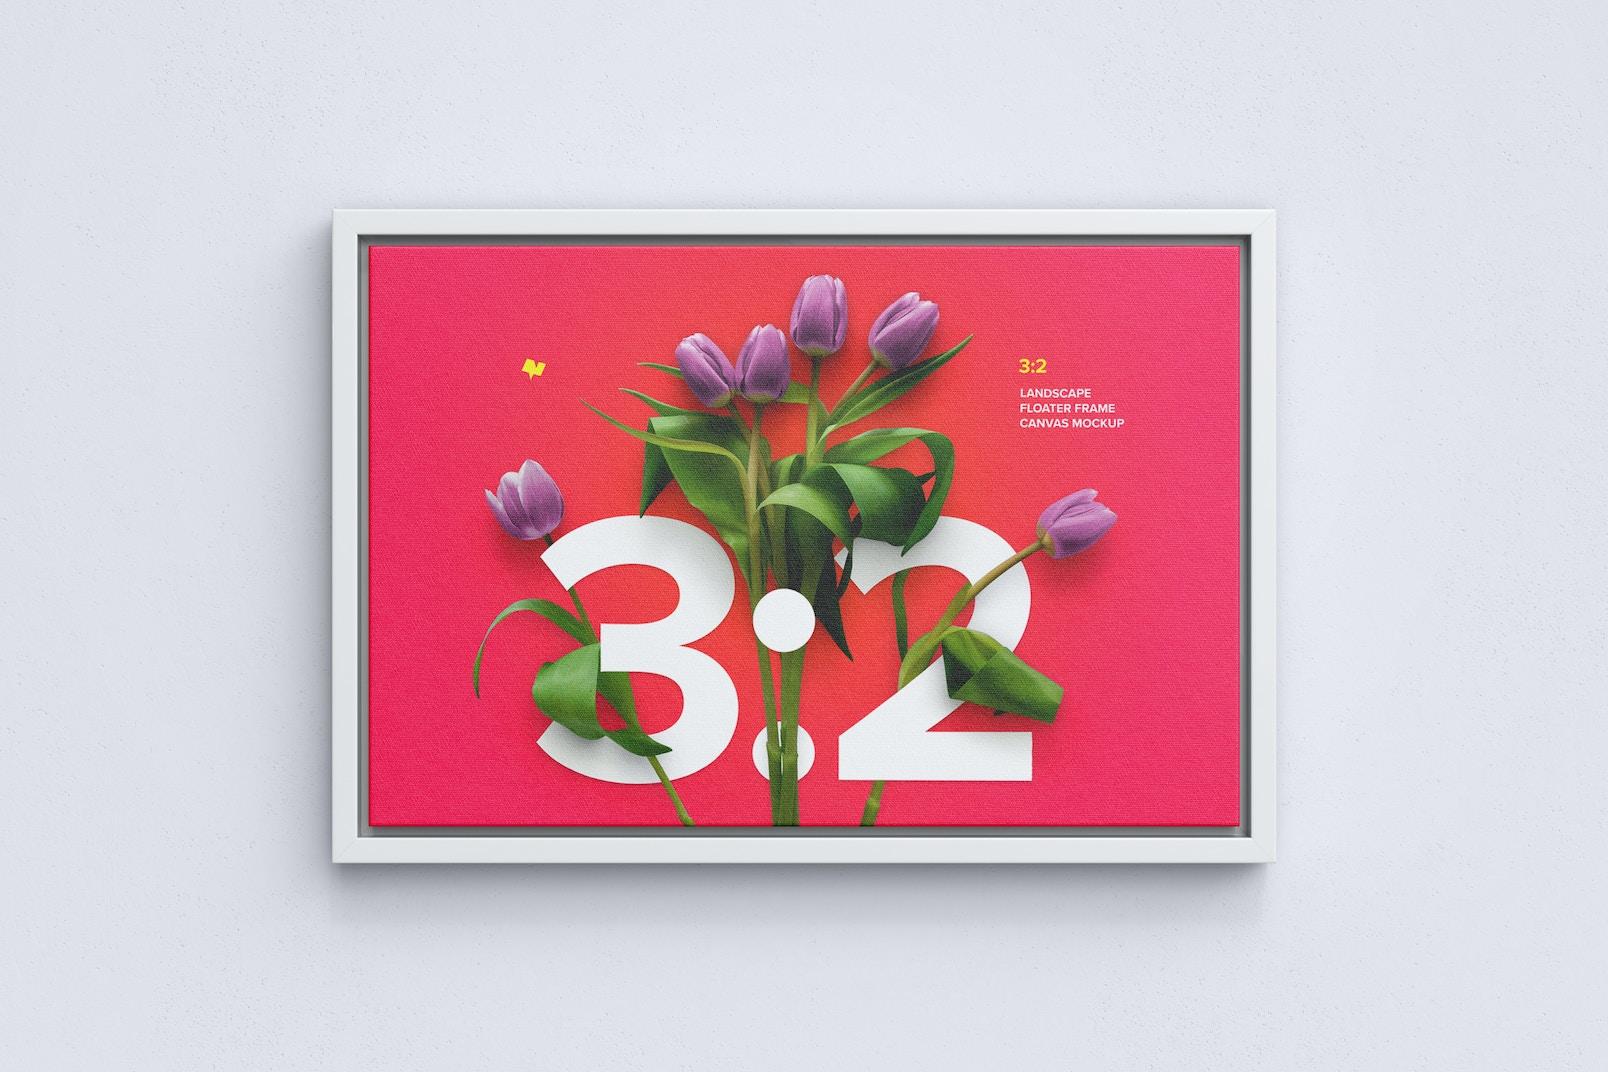 3:2 Landscape Canvas Mockup in Floater Frame, Front View